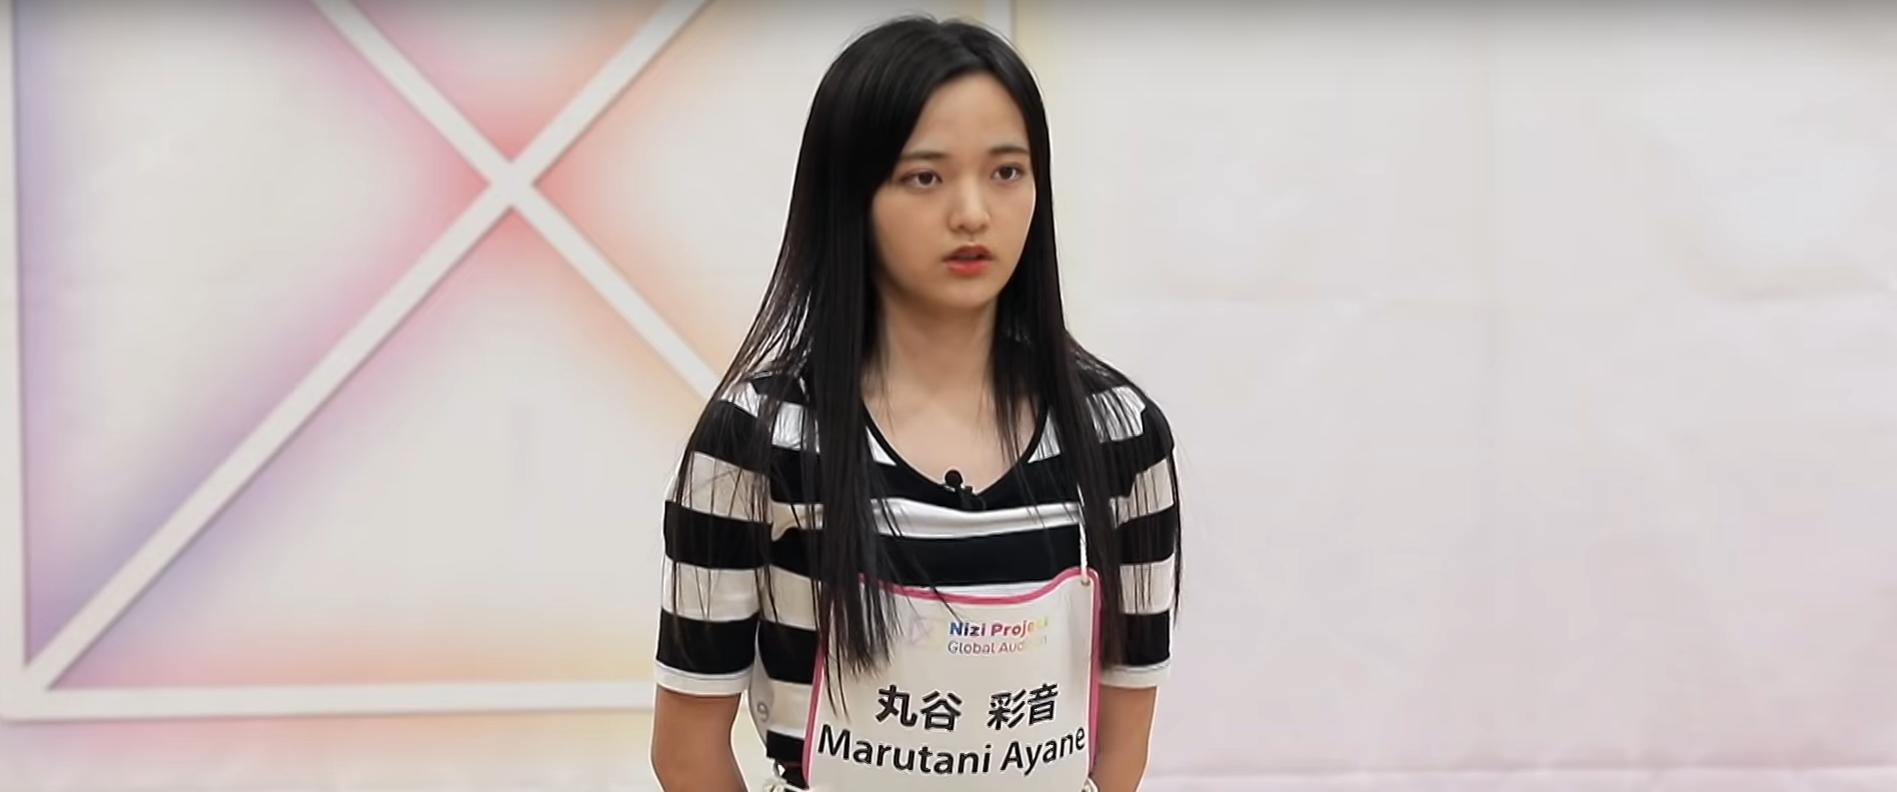 メンバー 落選 プロ 虹